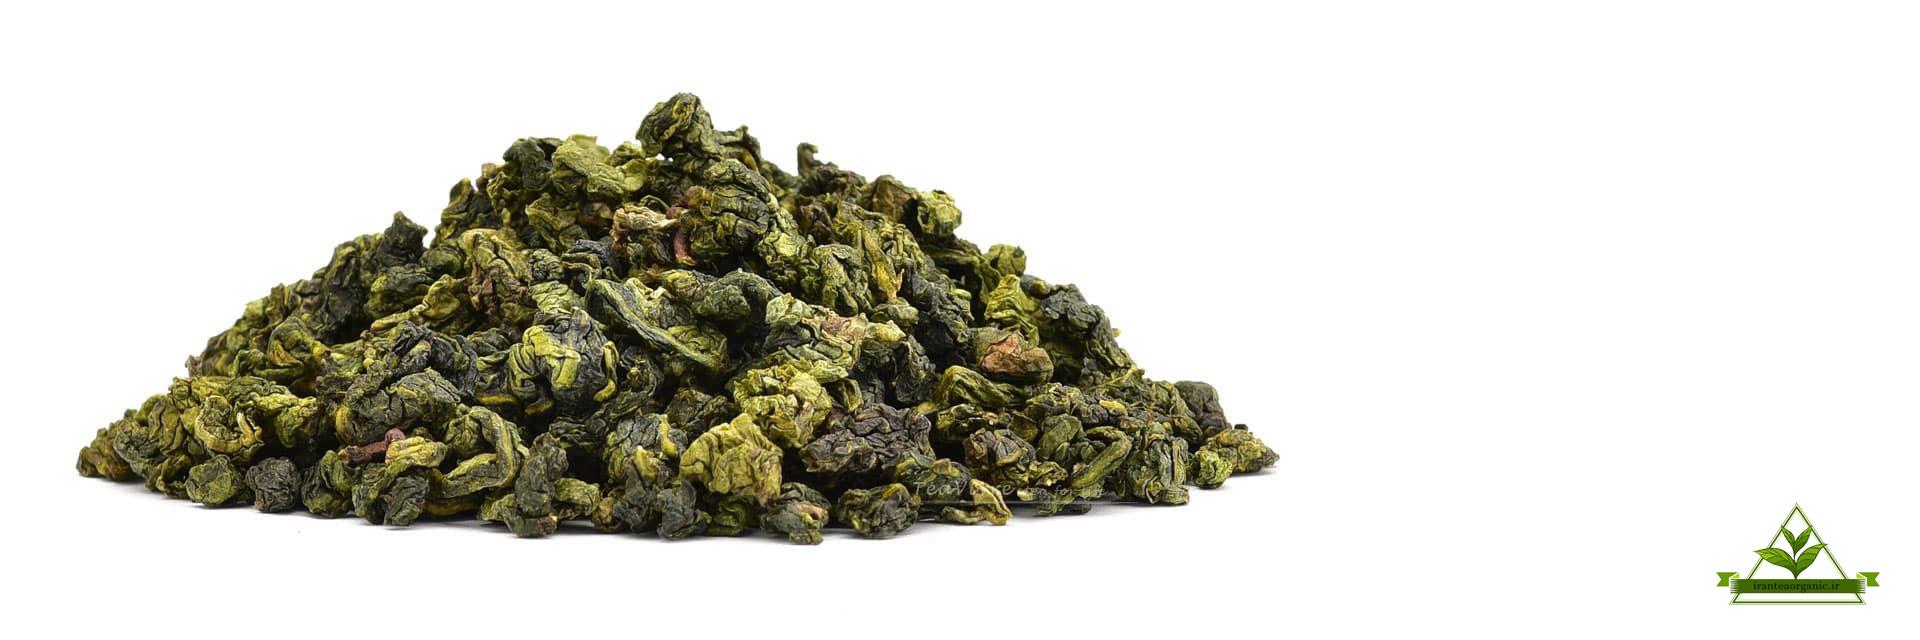 قیمت عمده انواع چای سبز شمال